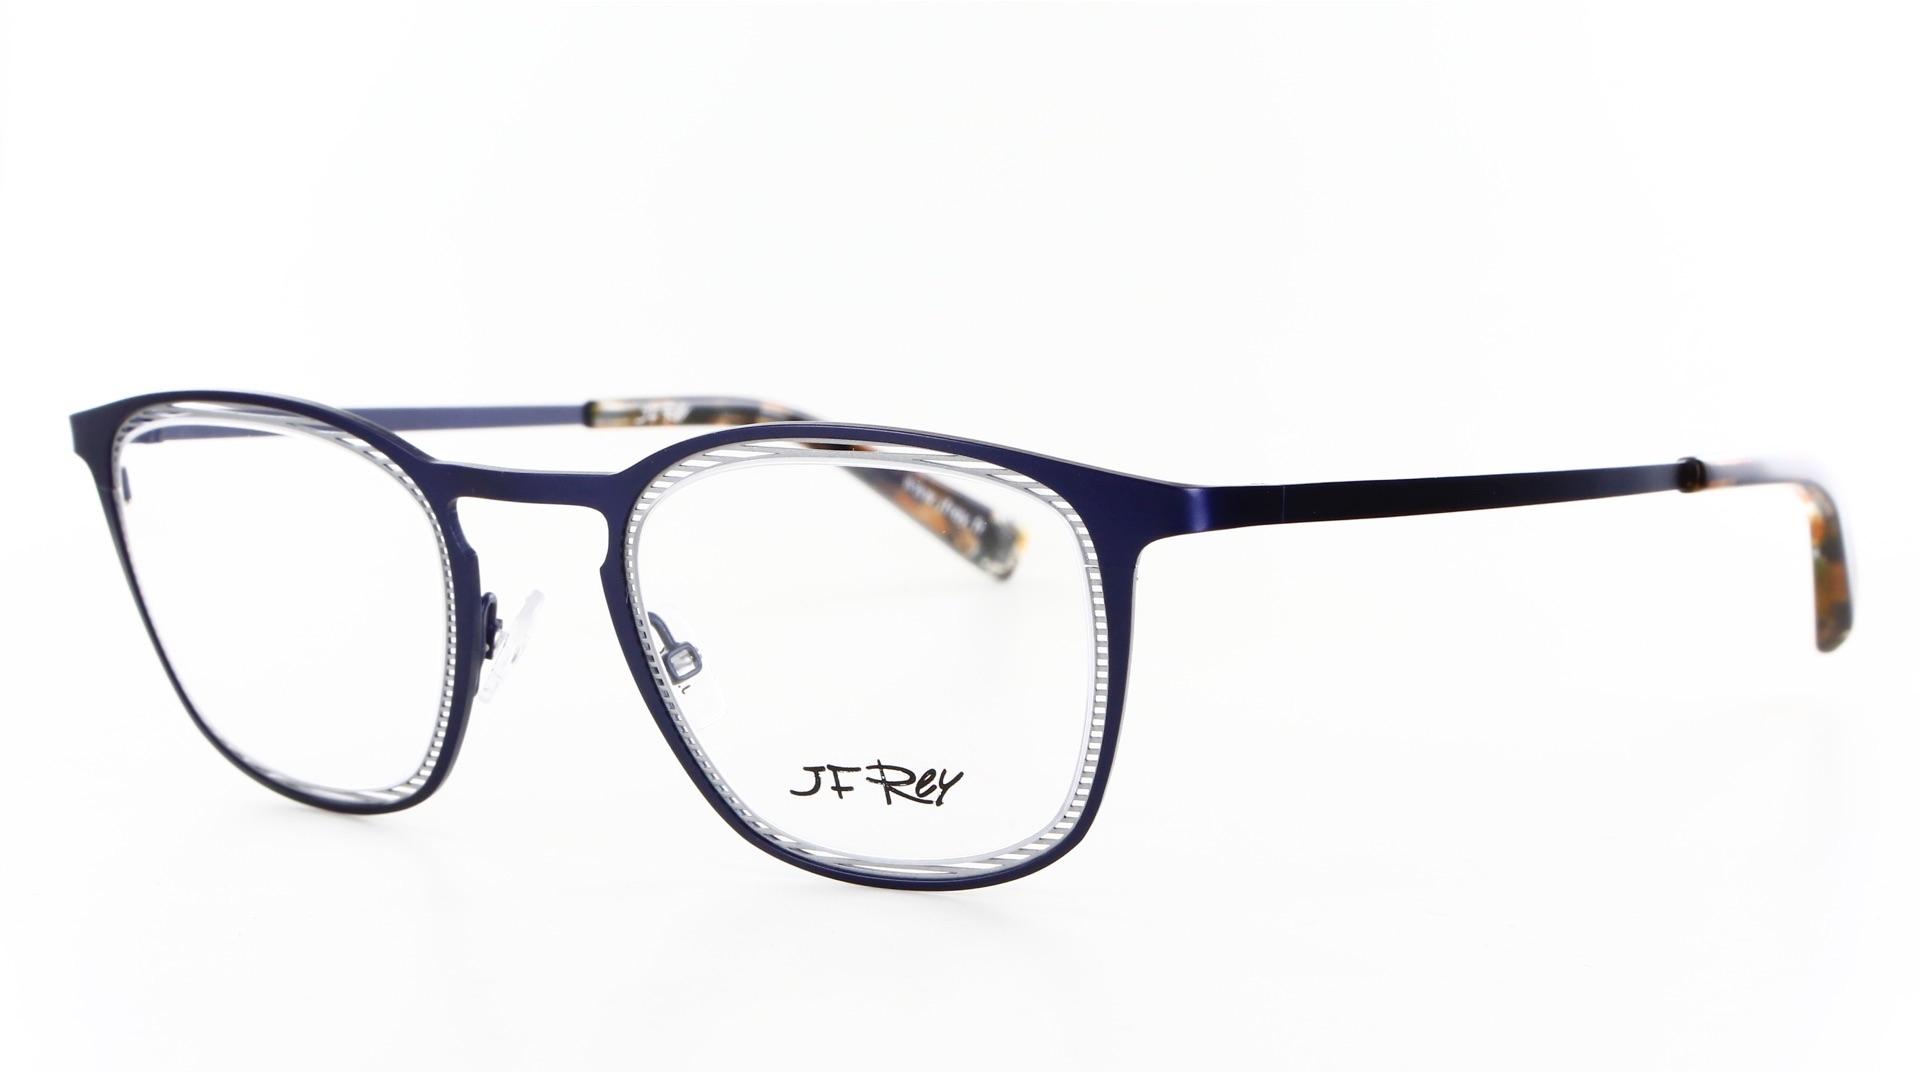 J.F. Rey - ref: 77717